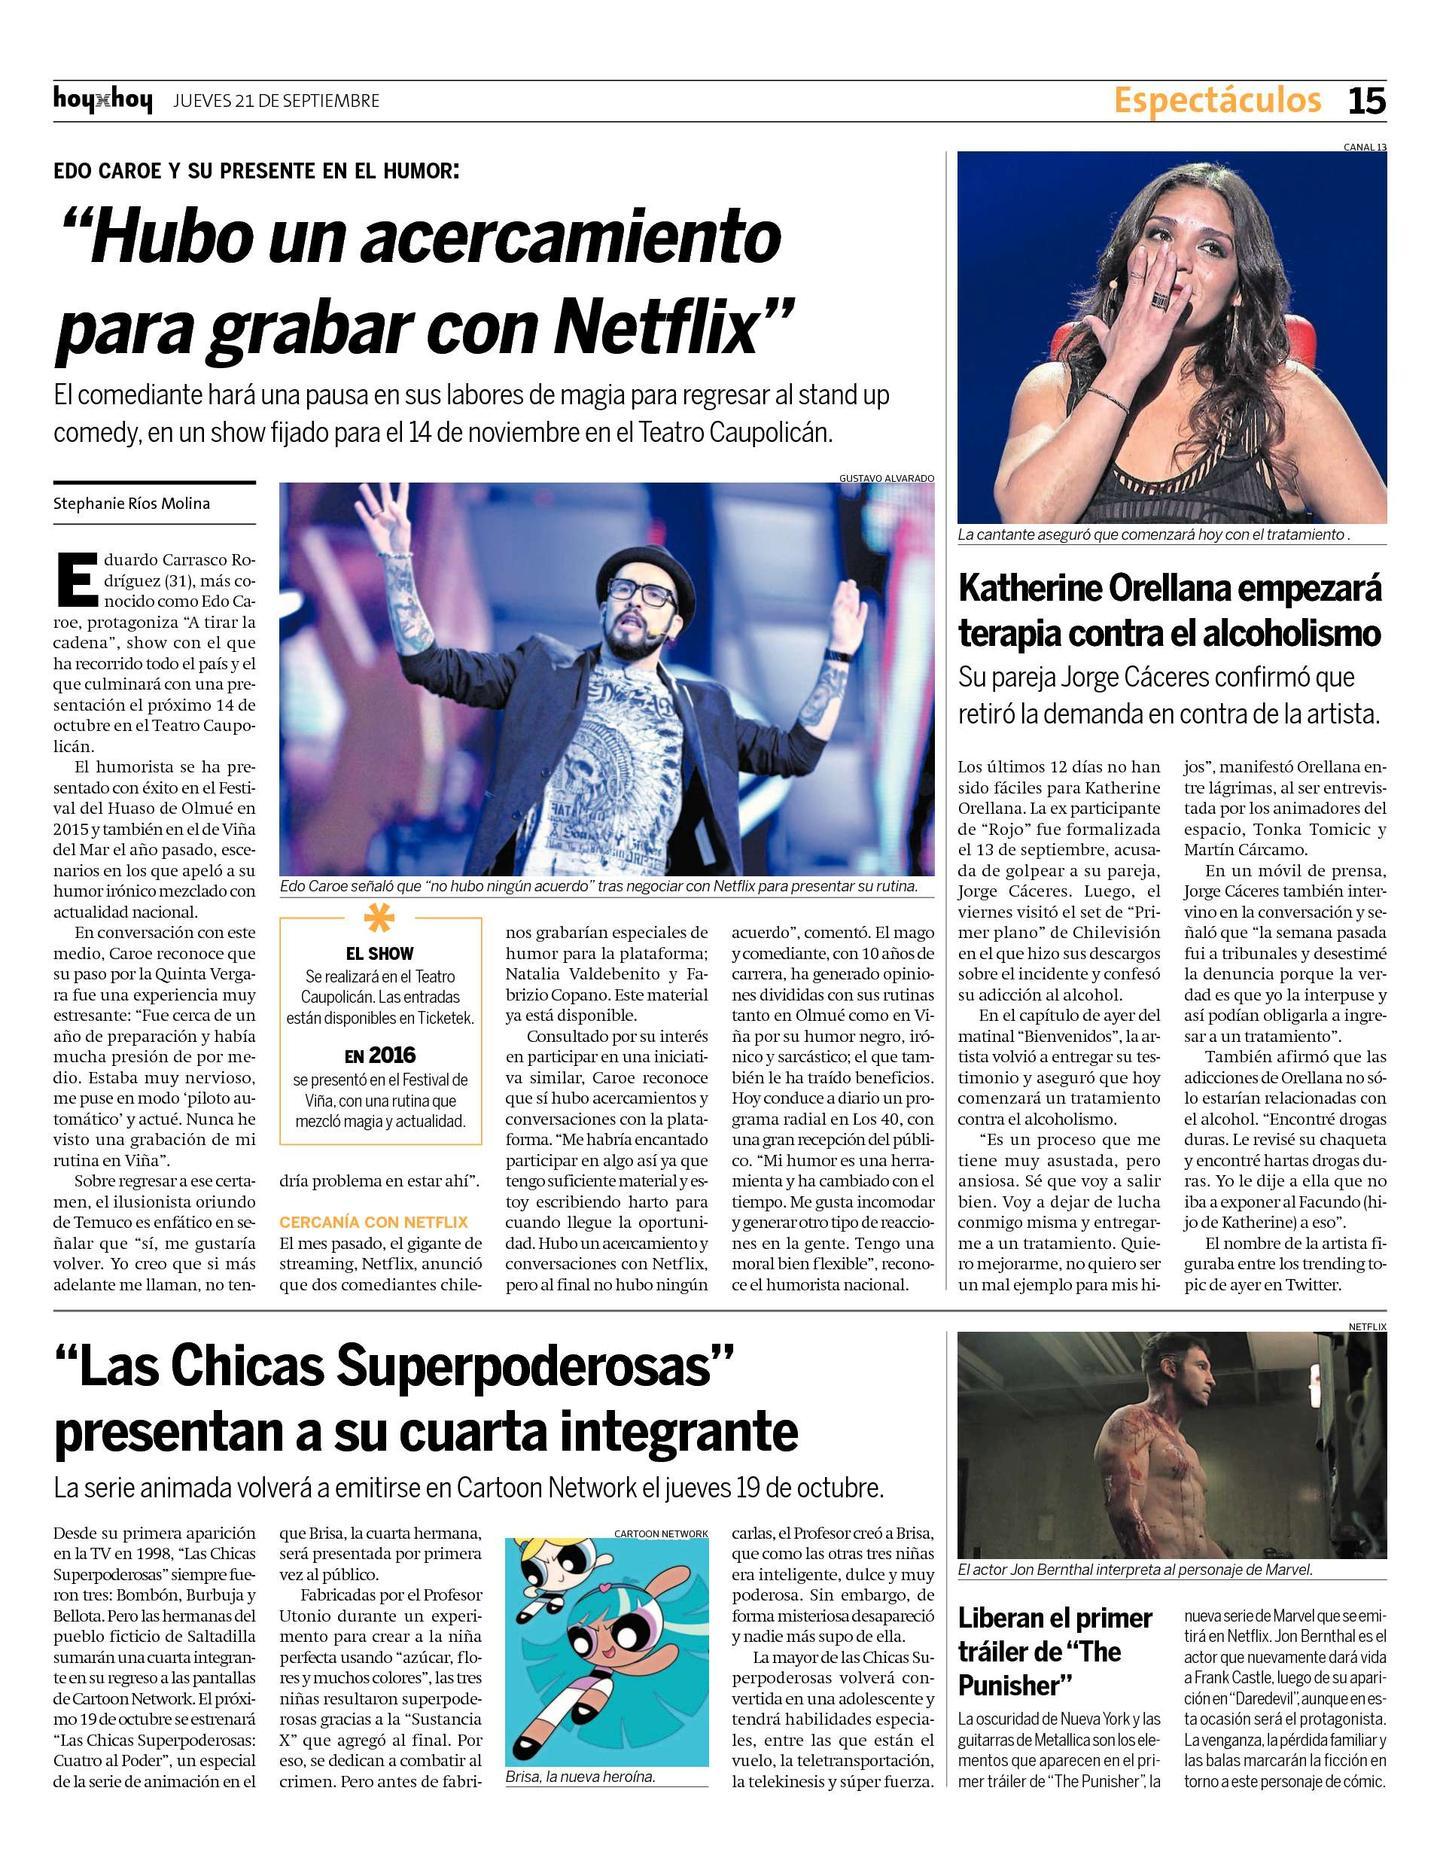 Página 15 | hoyxhoy.cl - HoyxHoy, el diario que no tiene precio ...